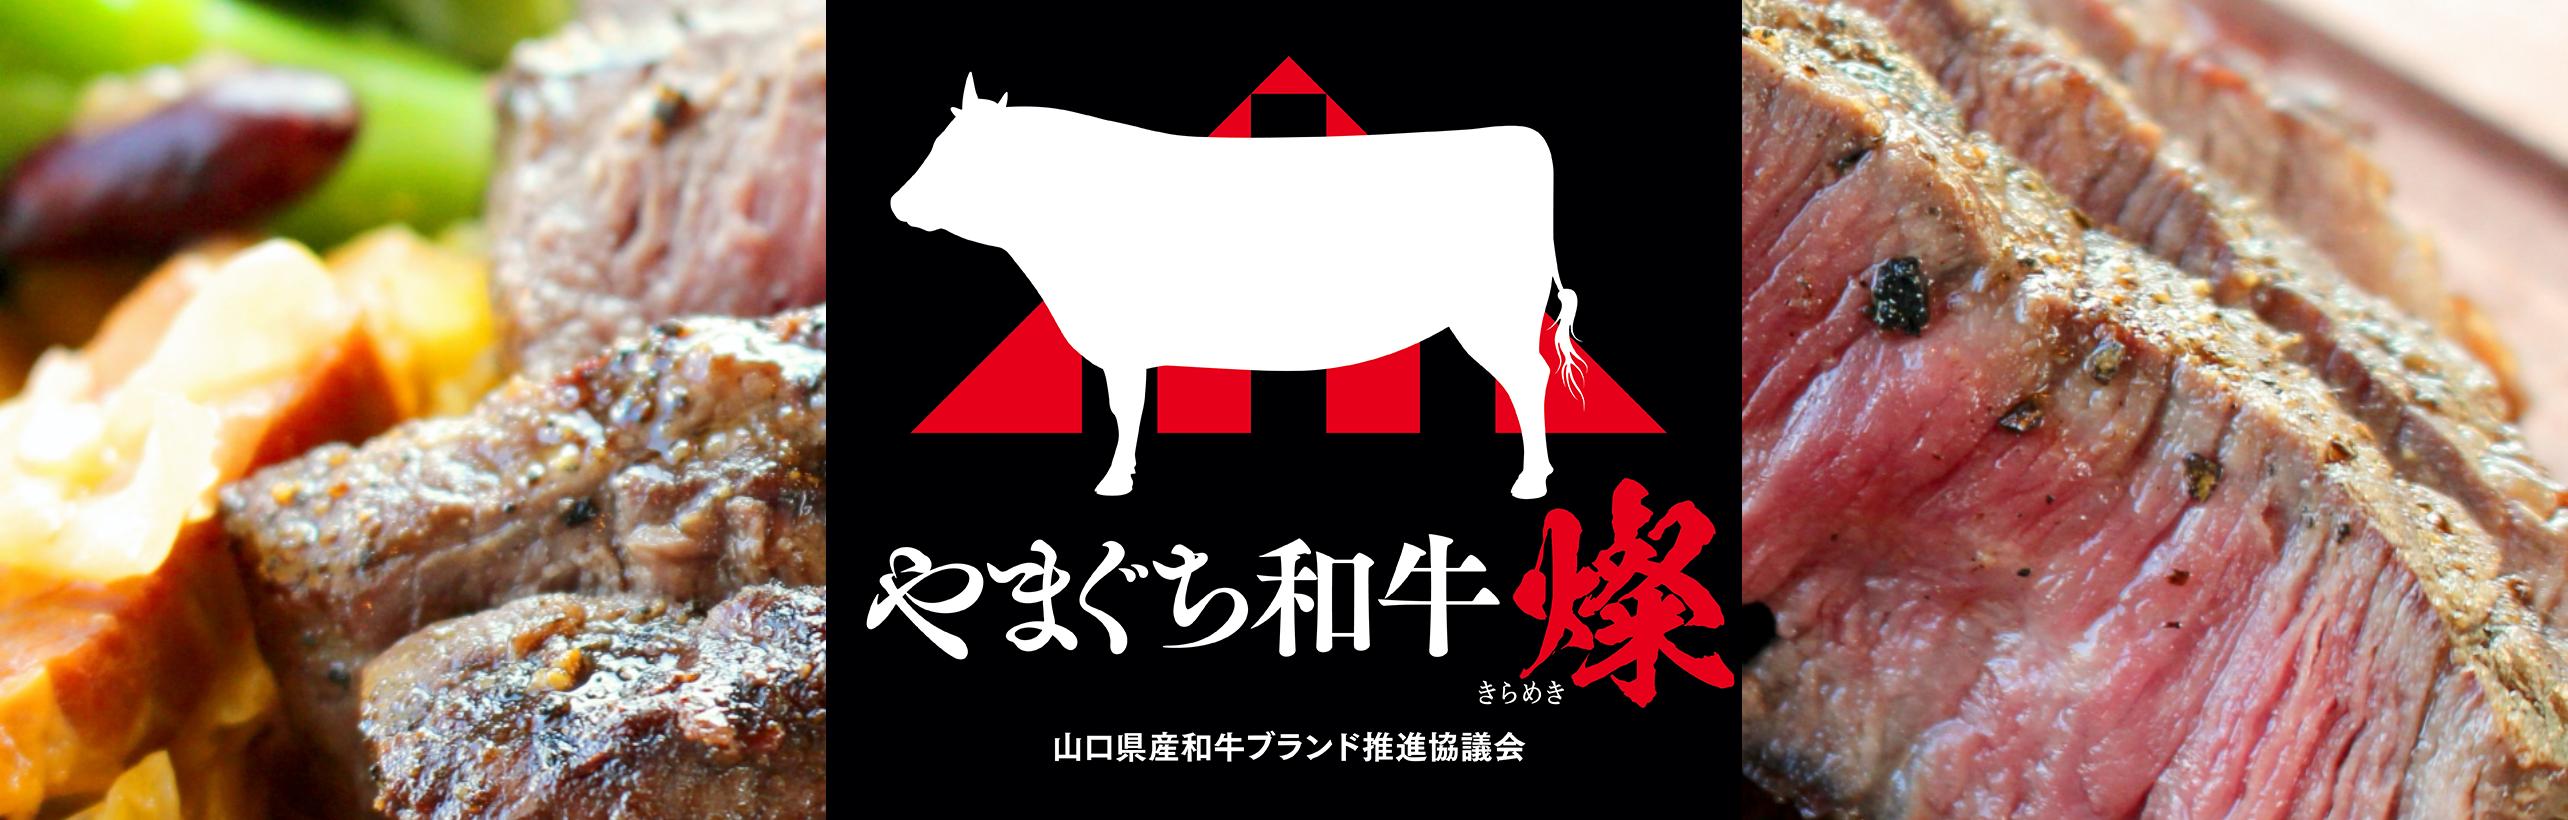 やまぐち和牛燦(きらめき)| 山口県産和牛ブランド推進協議会